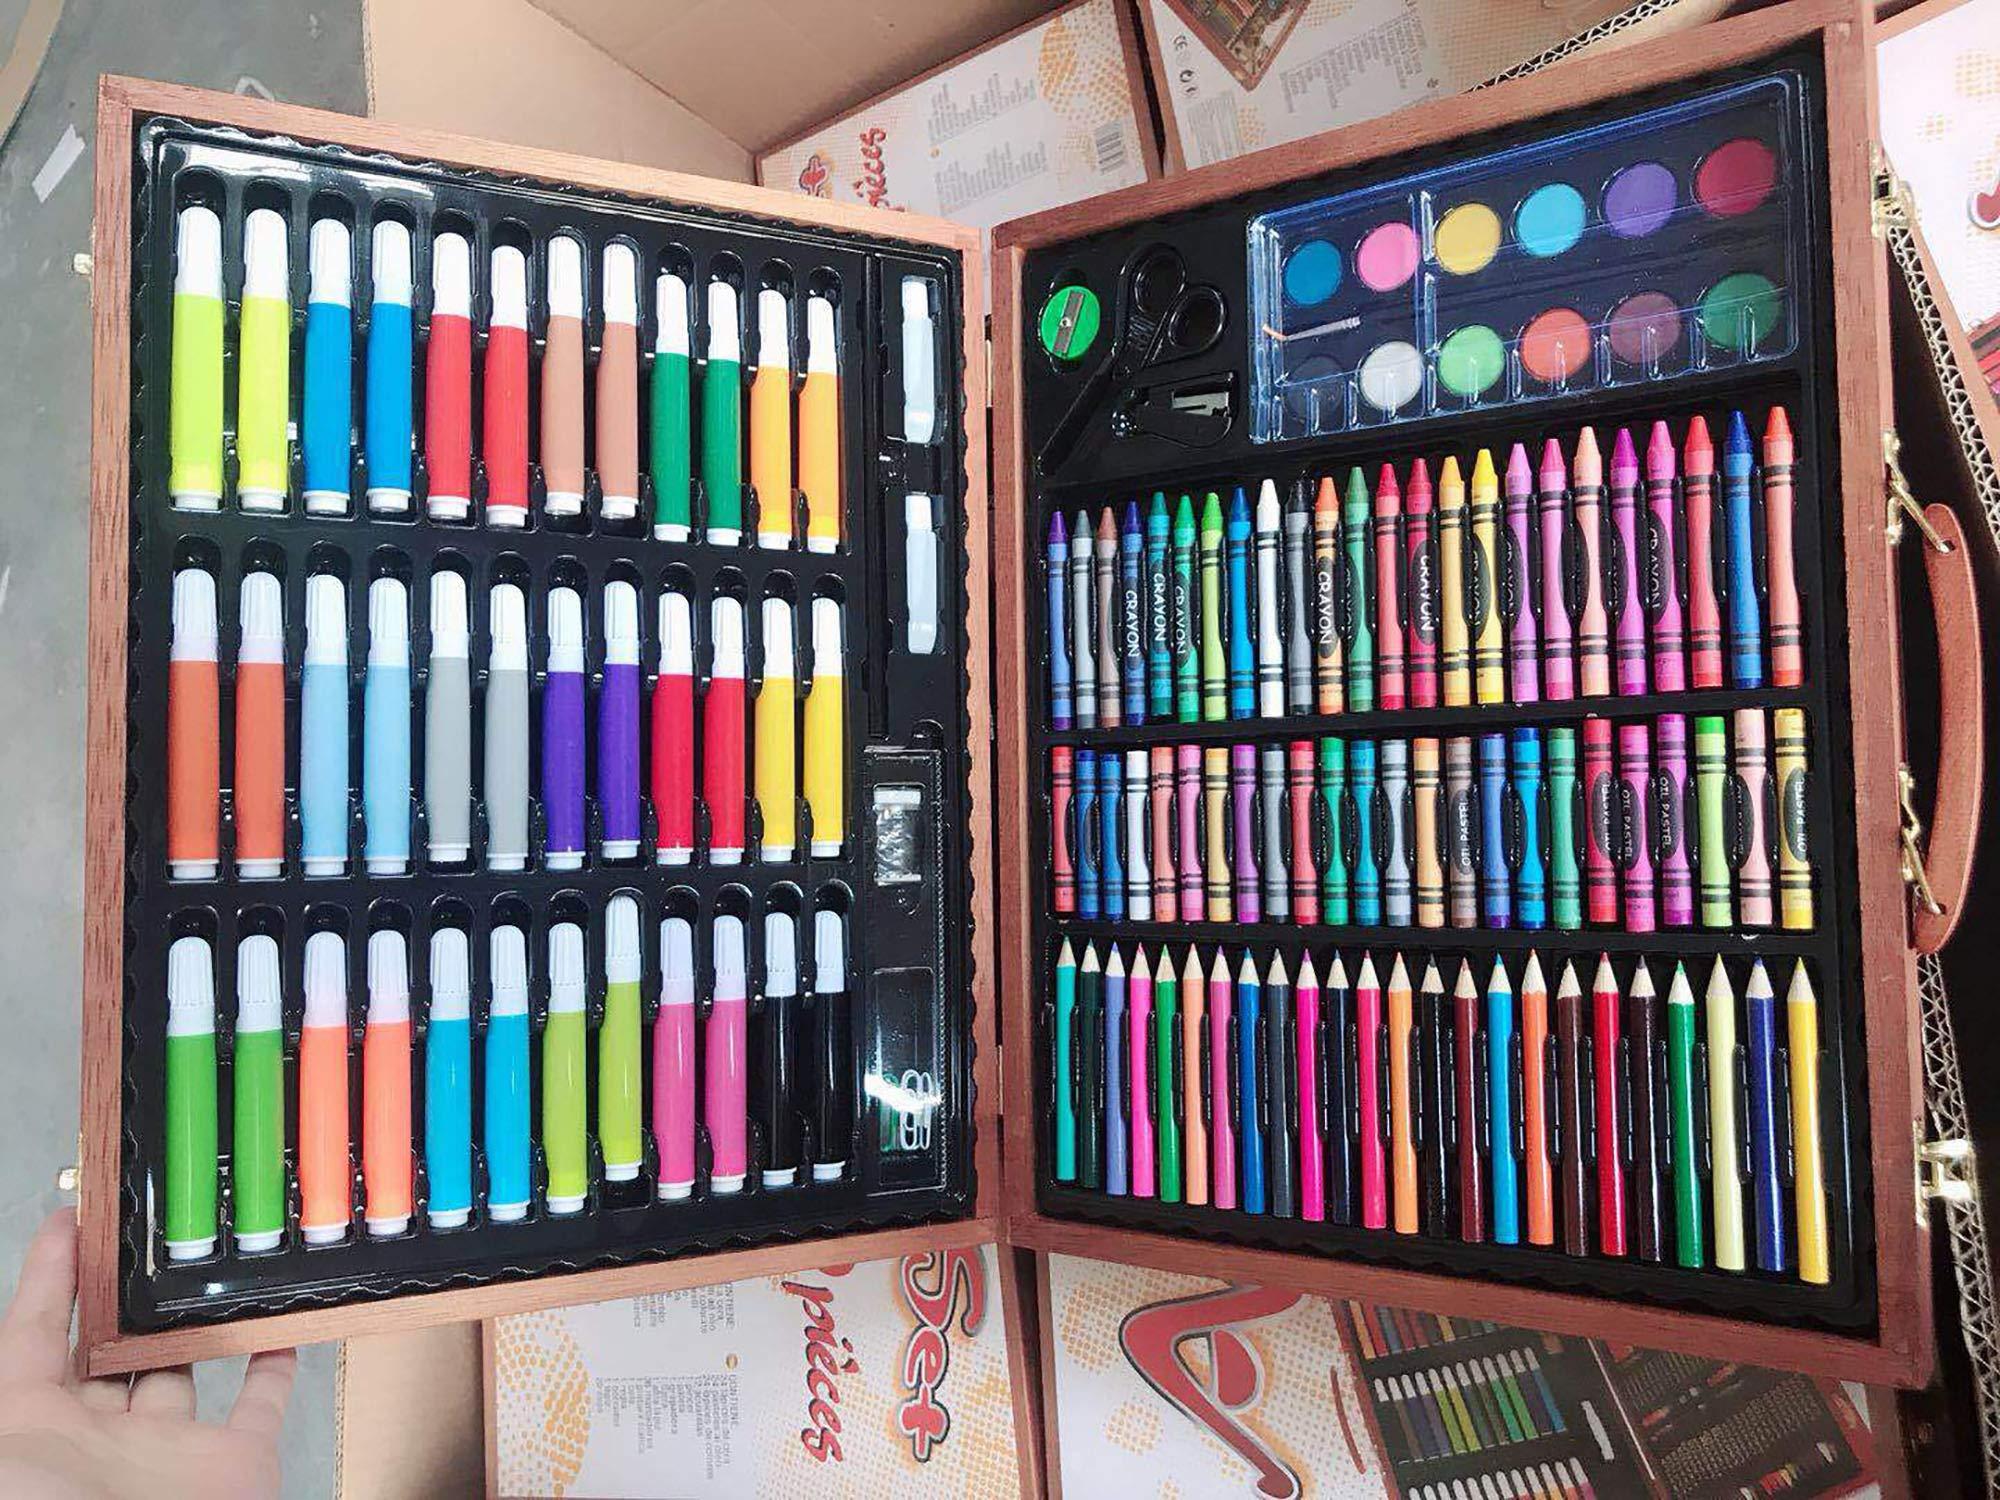 Watercolor Pen Set for Children Wooden Box Children's Gift Watercolor Pen Set Painting Learning Kit Children's Stationery